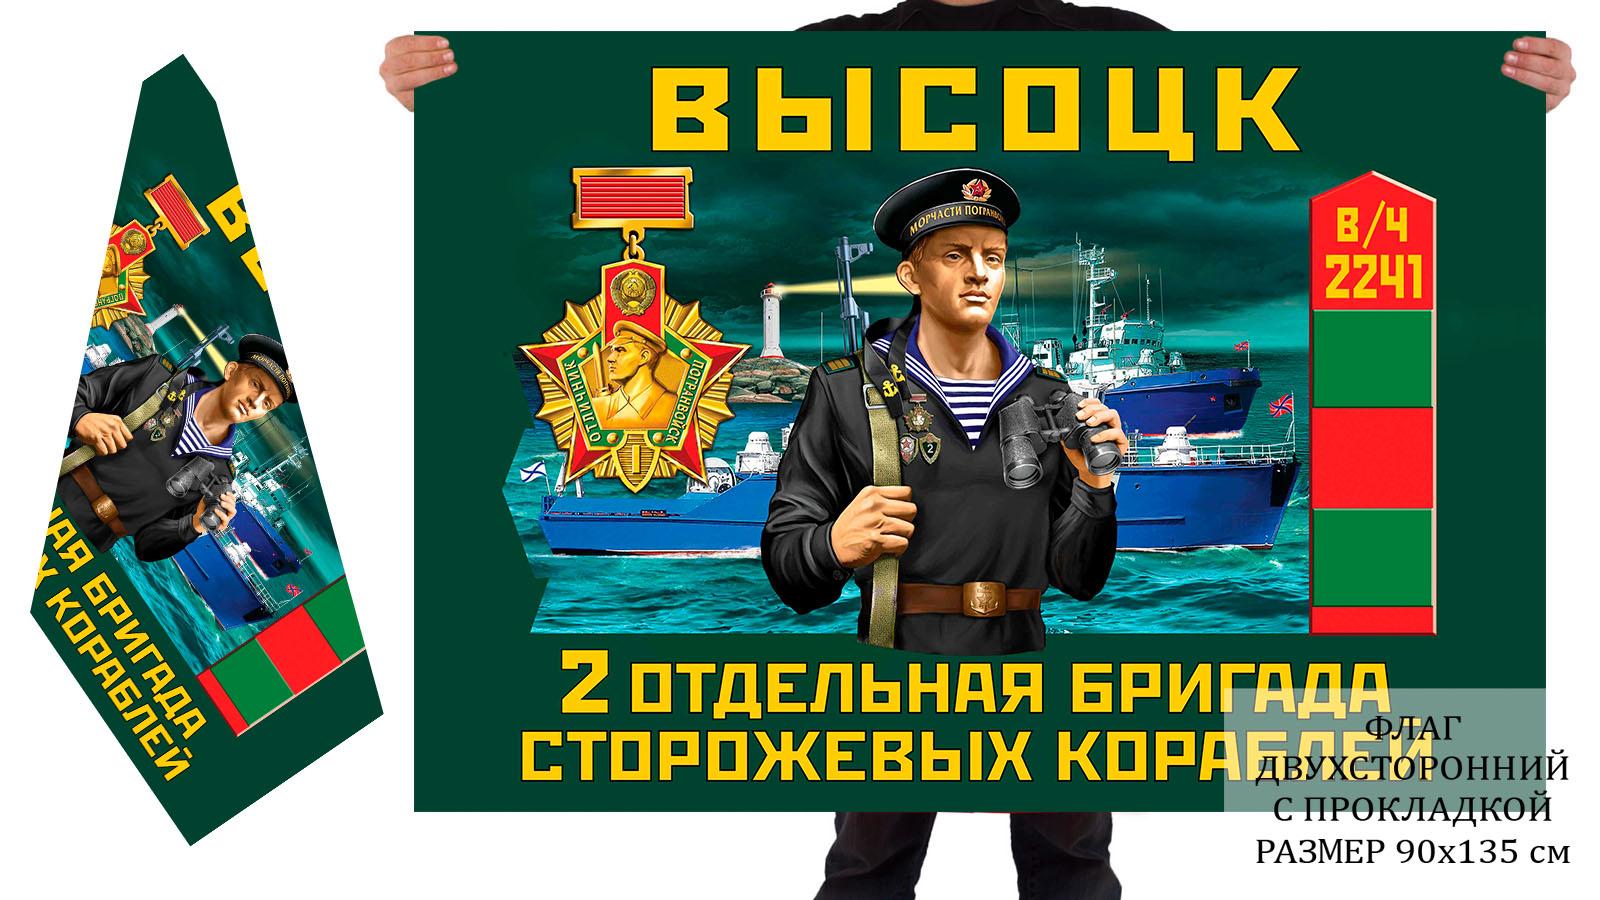 Двусторонний флаг 2 отдельной бригады сторожевых кораблей